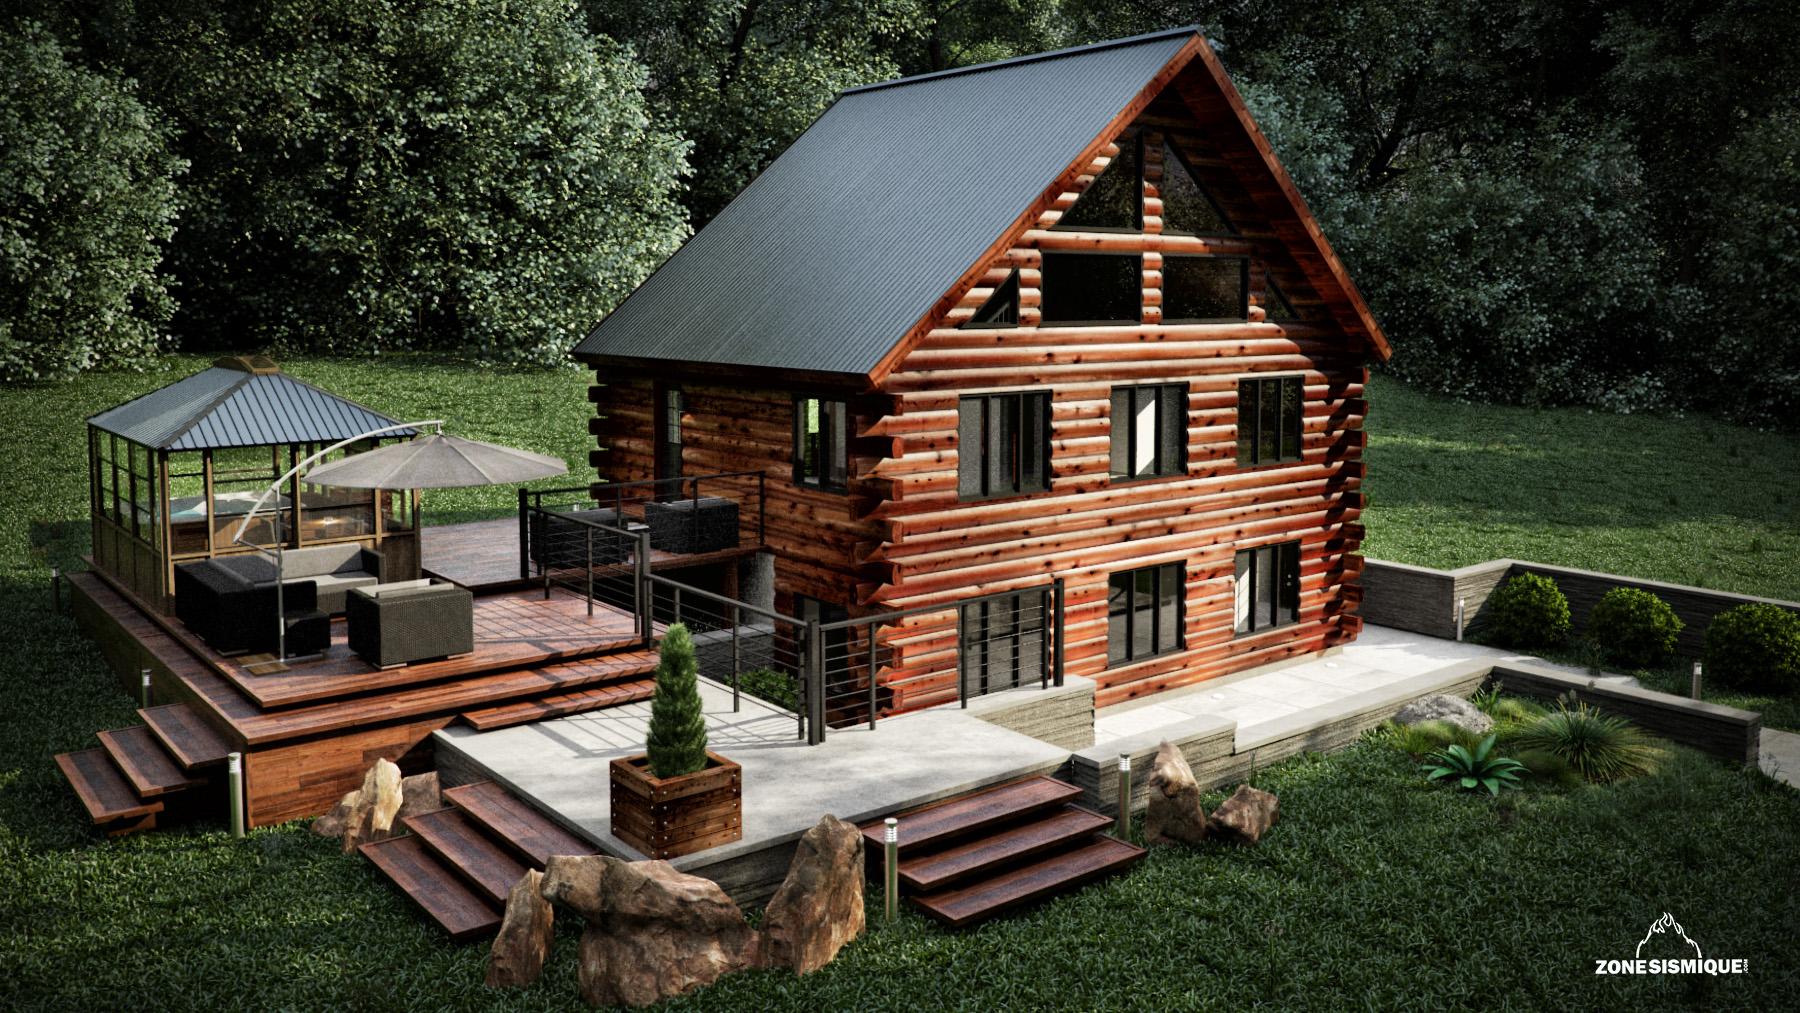 Zone sismique bois hamel chalet exterieur front v1a for Chalet bois design